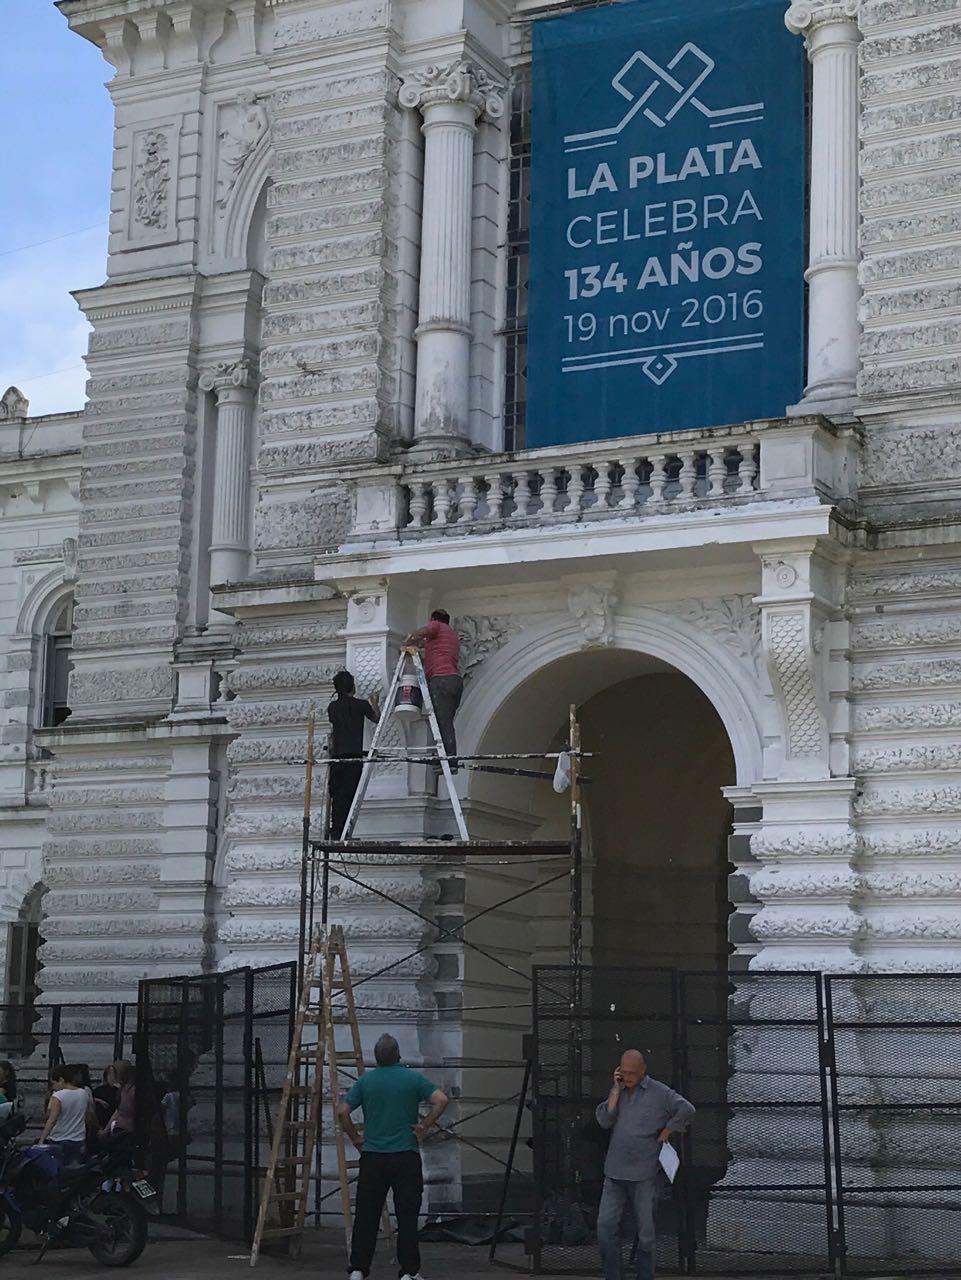 Los pocos trabajadores municipales que Garro no despidió, sufren inseguridad laboral al cumplir sus funciones